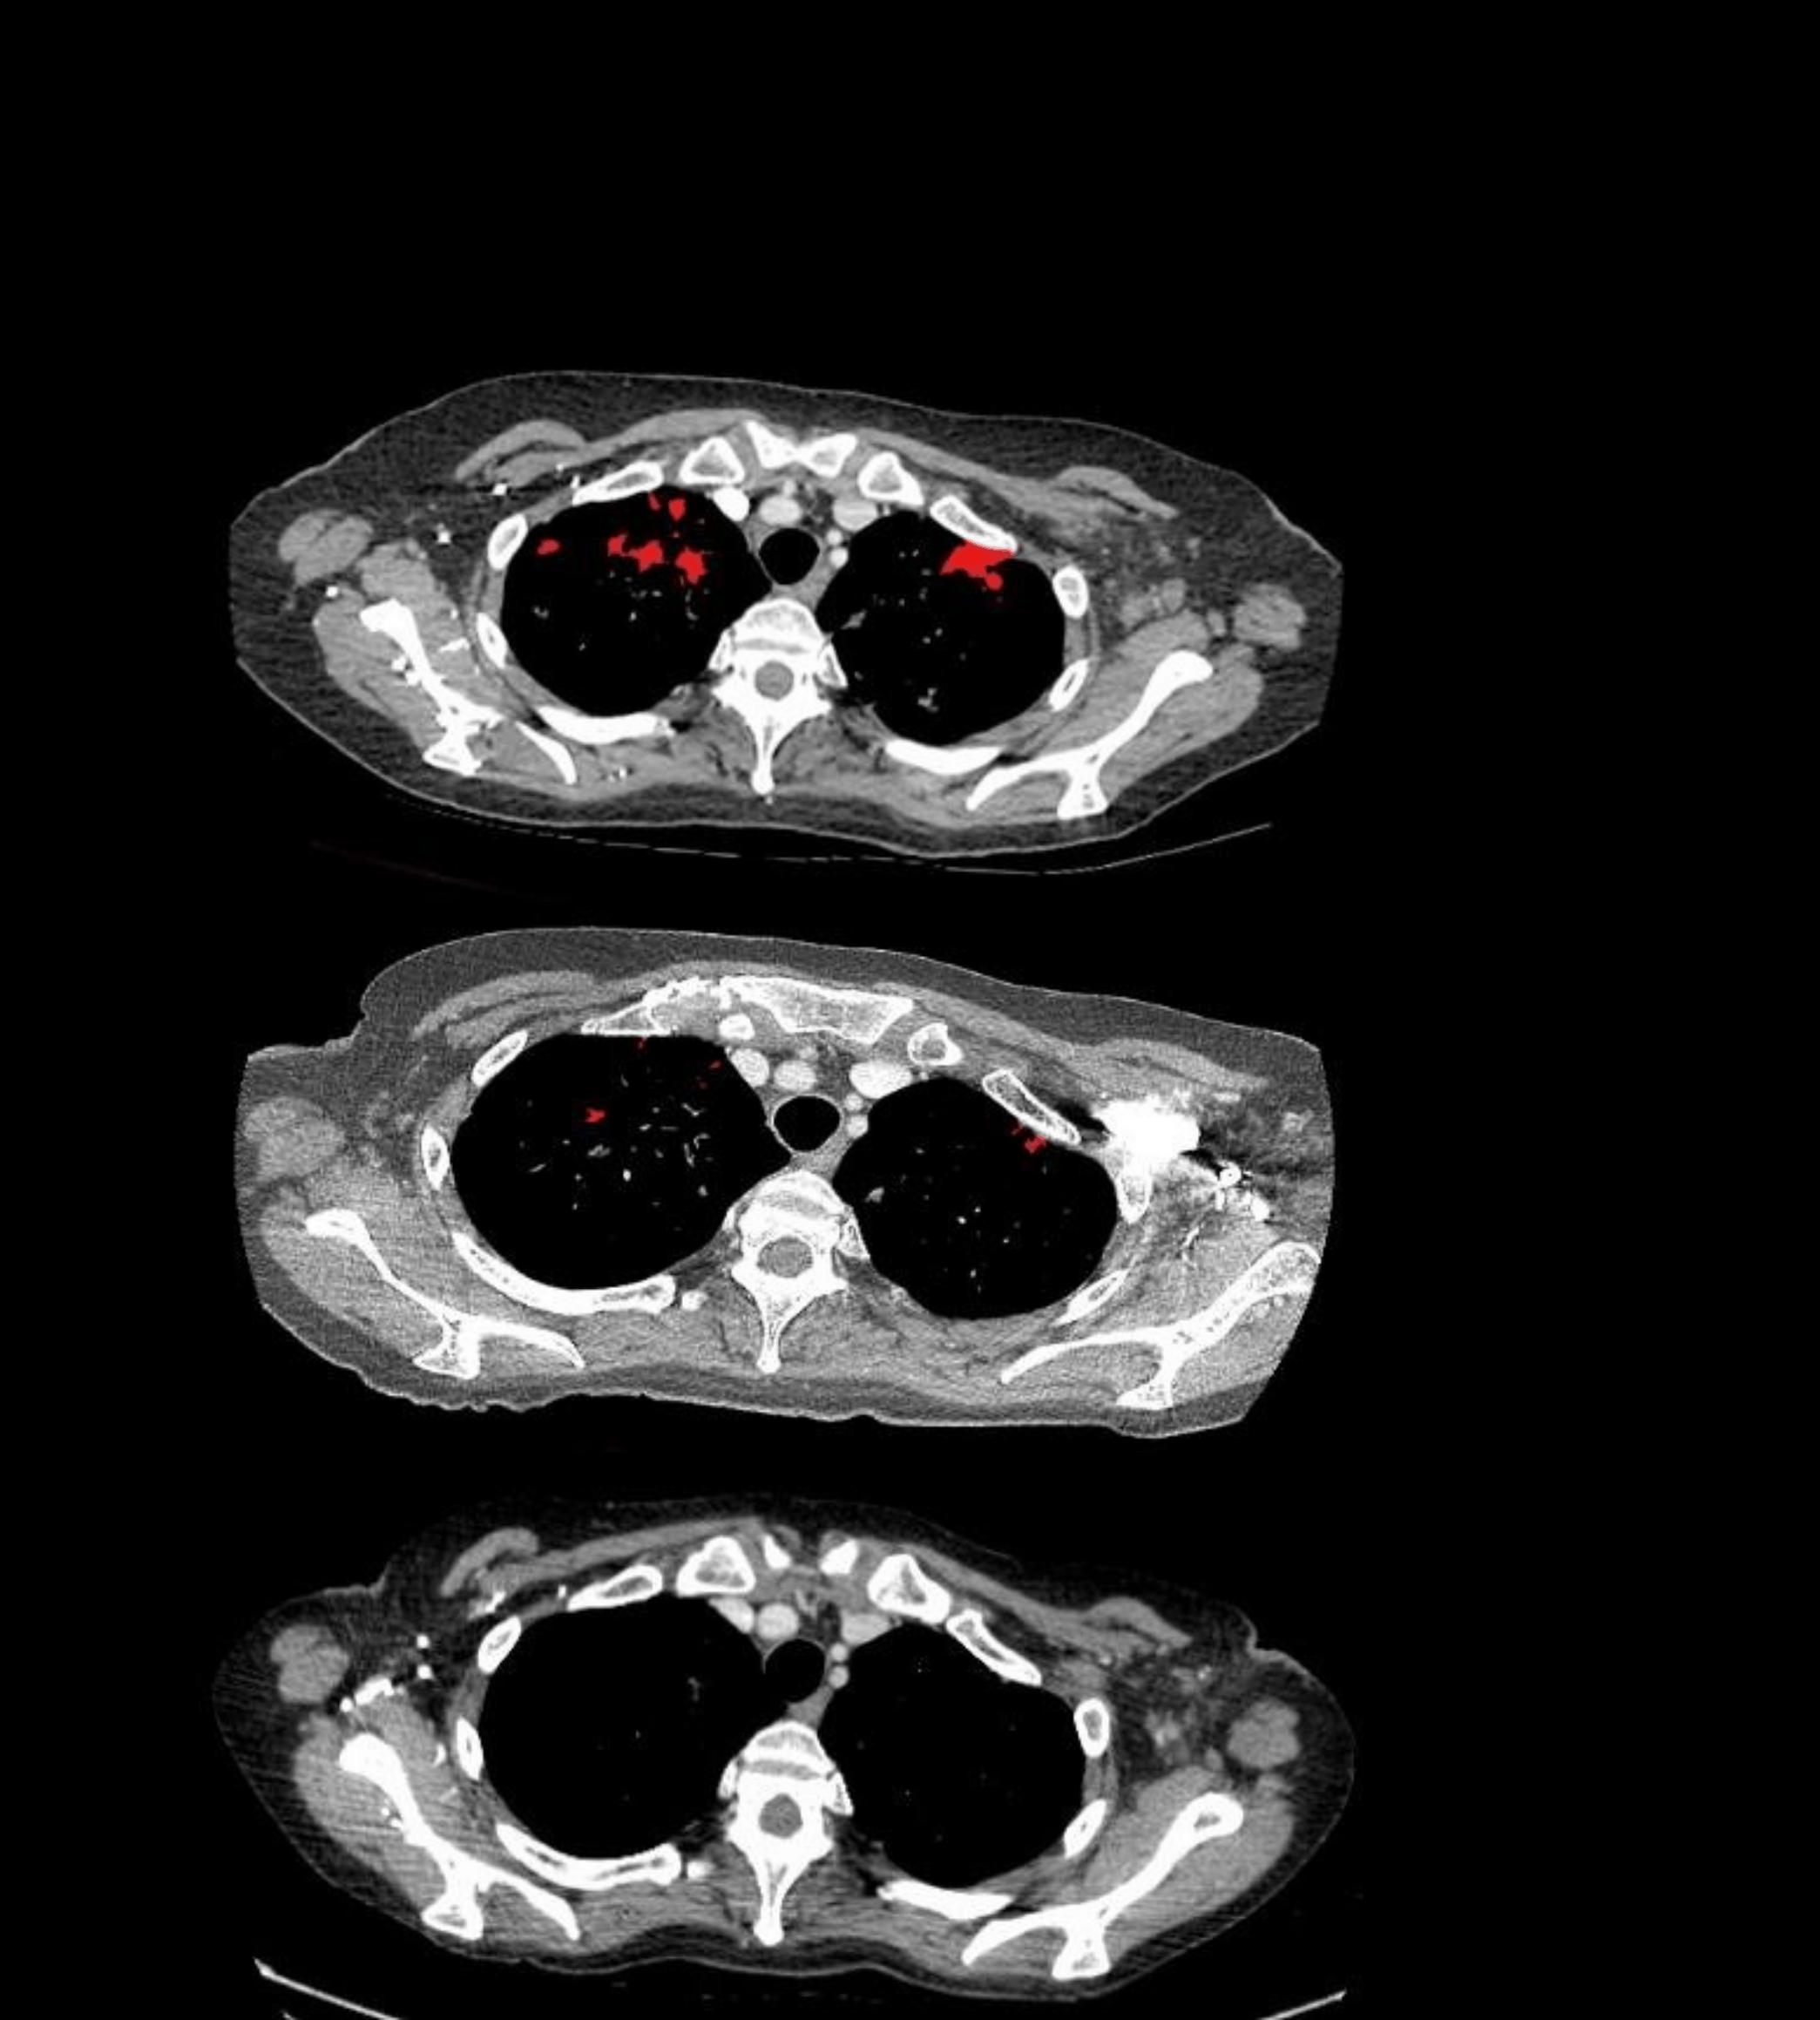 4. Zabinostat CT Scan